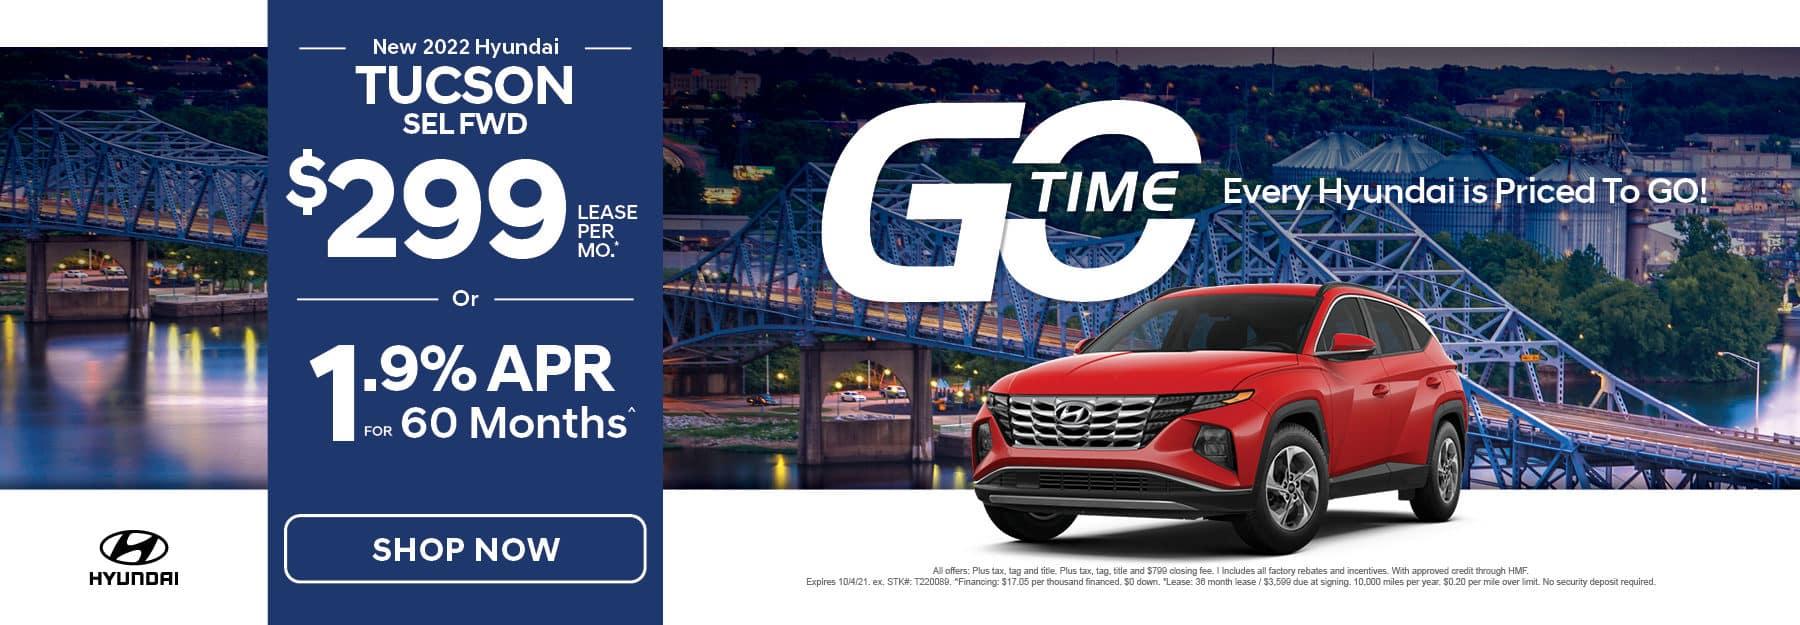 Go Time - New 2022 Hyundai Tucson